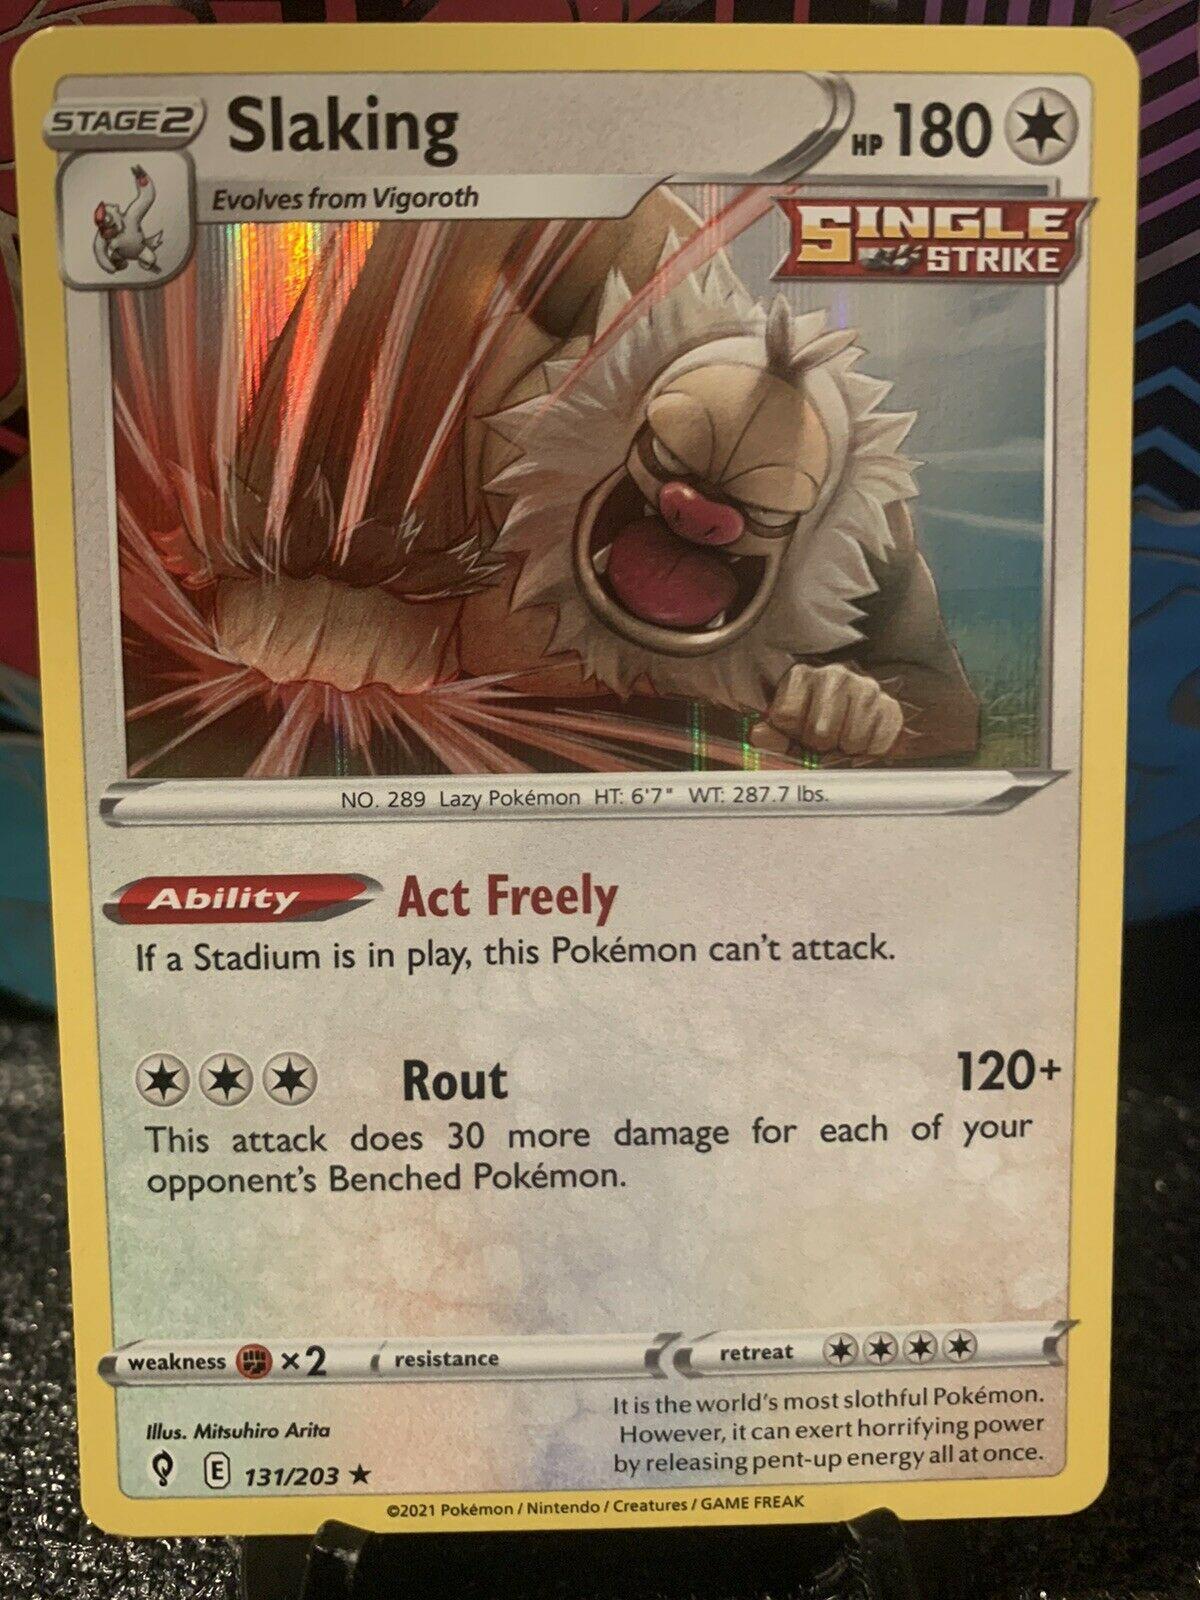 Pokemon Card - Slaking Single Strike Holo Rare Evolving Skies 131/203 - Mint/ NM